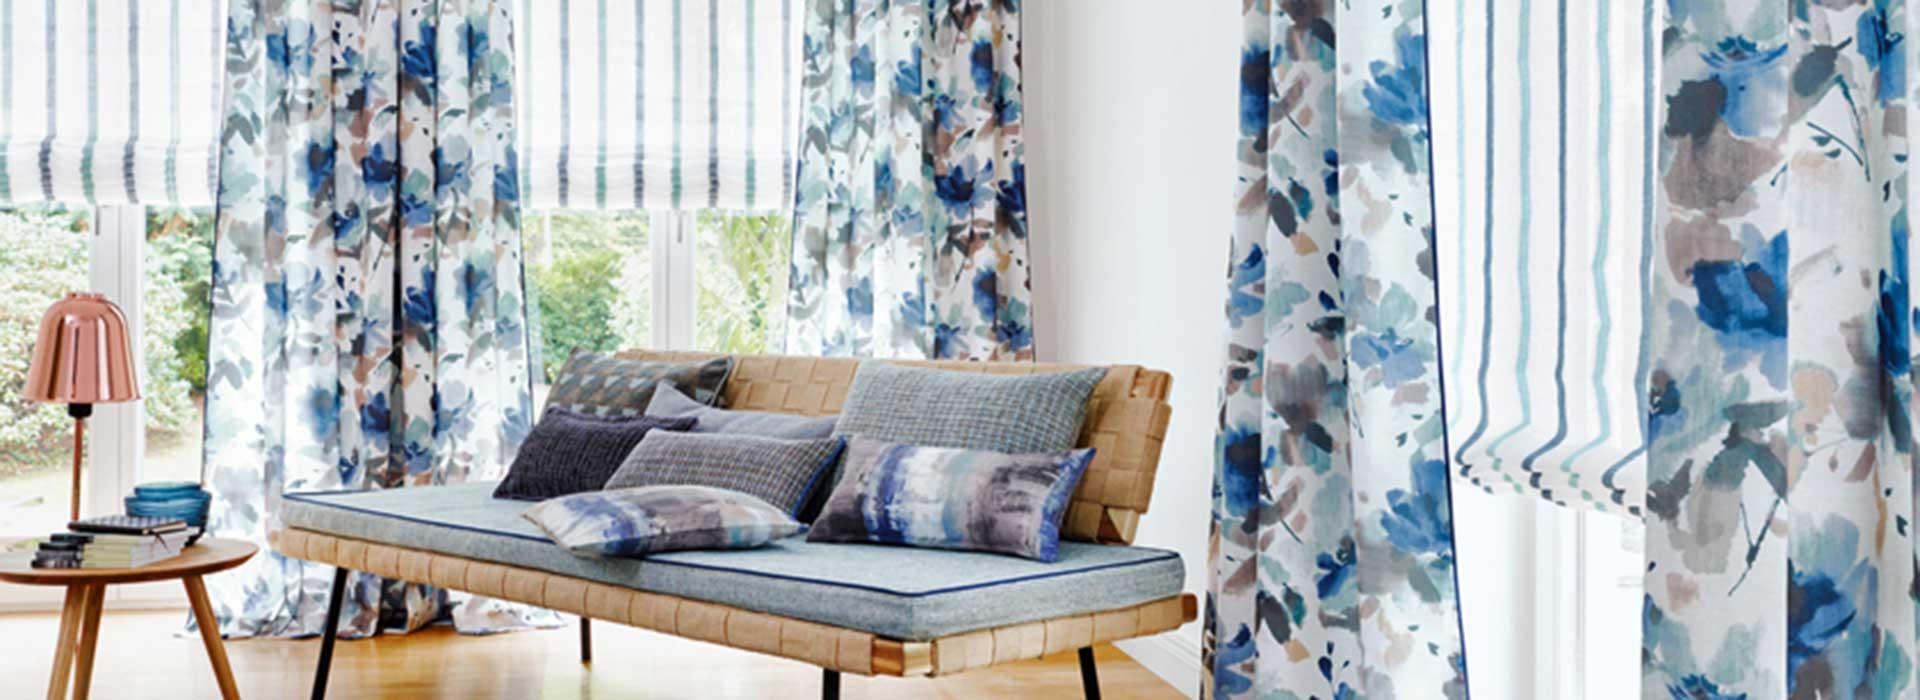 vorh nge gardinen wepro ag ihr spezialist f r vorh nge und innenausstattung. Black Bedroom Furniture Sets. Home Design Ideas